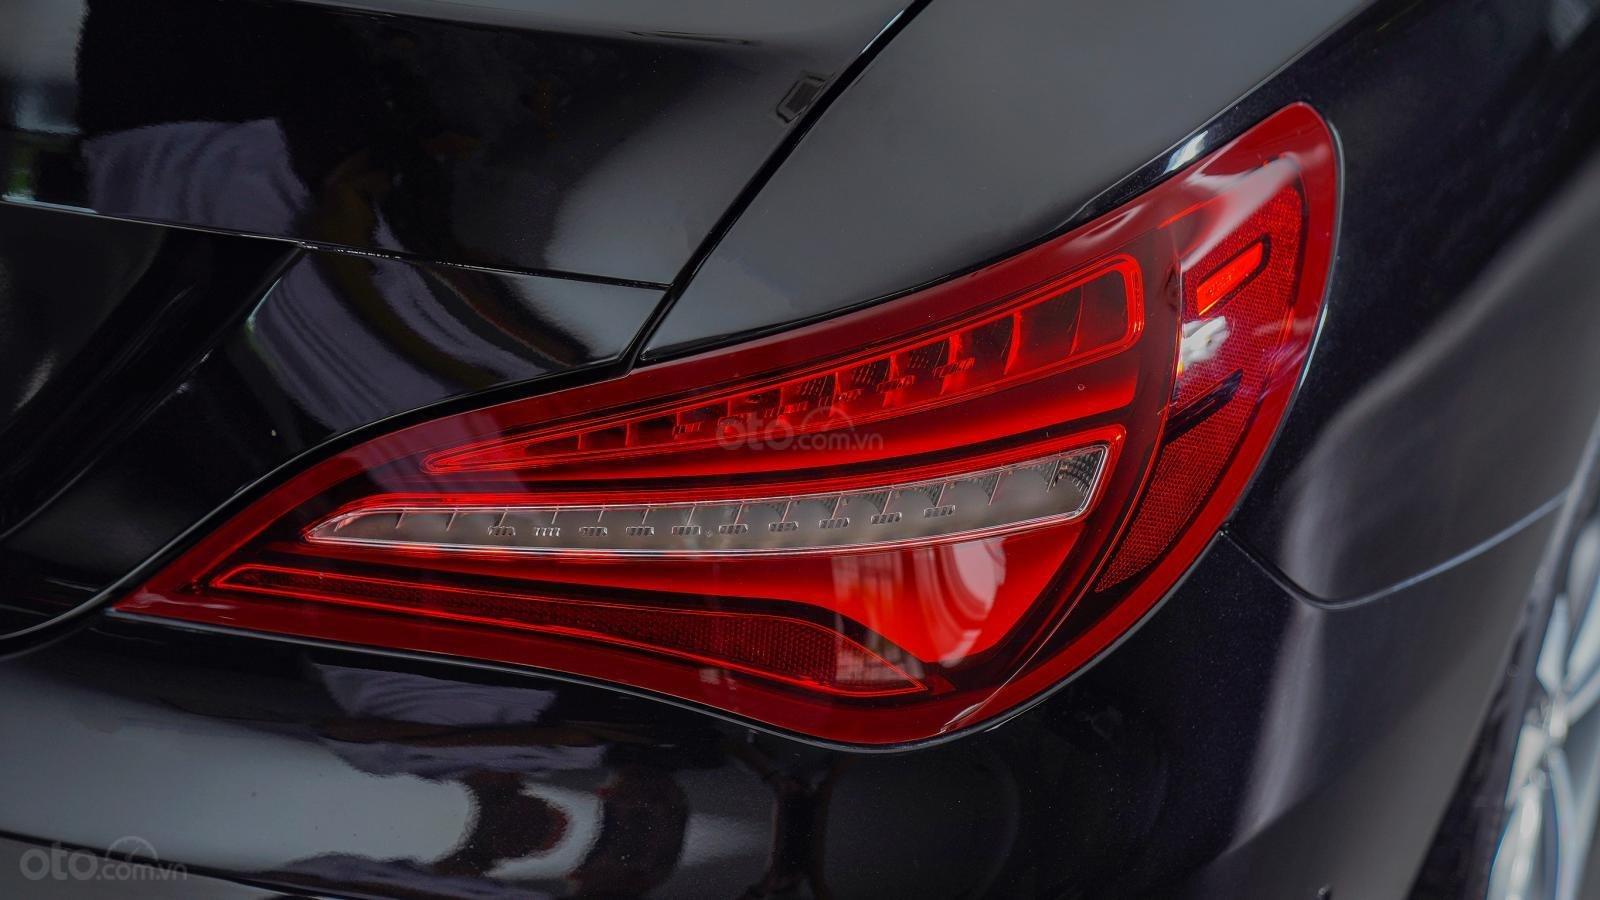 Bán Mercedes CLA 200 2017 cũ nhập khẩu, gía 1.459 tỷ, giảm 319 triệu (7)